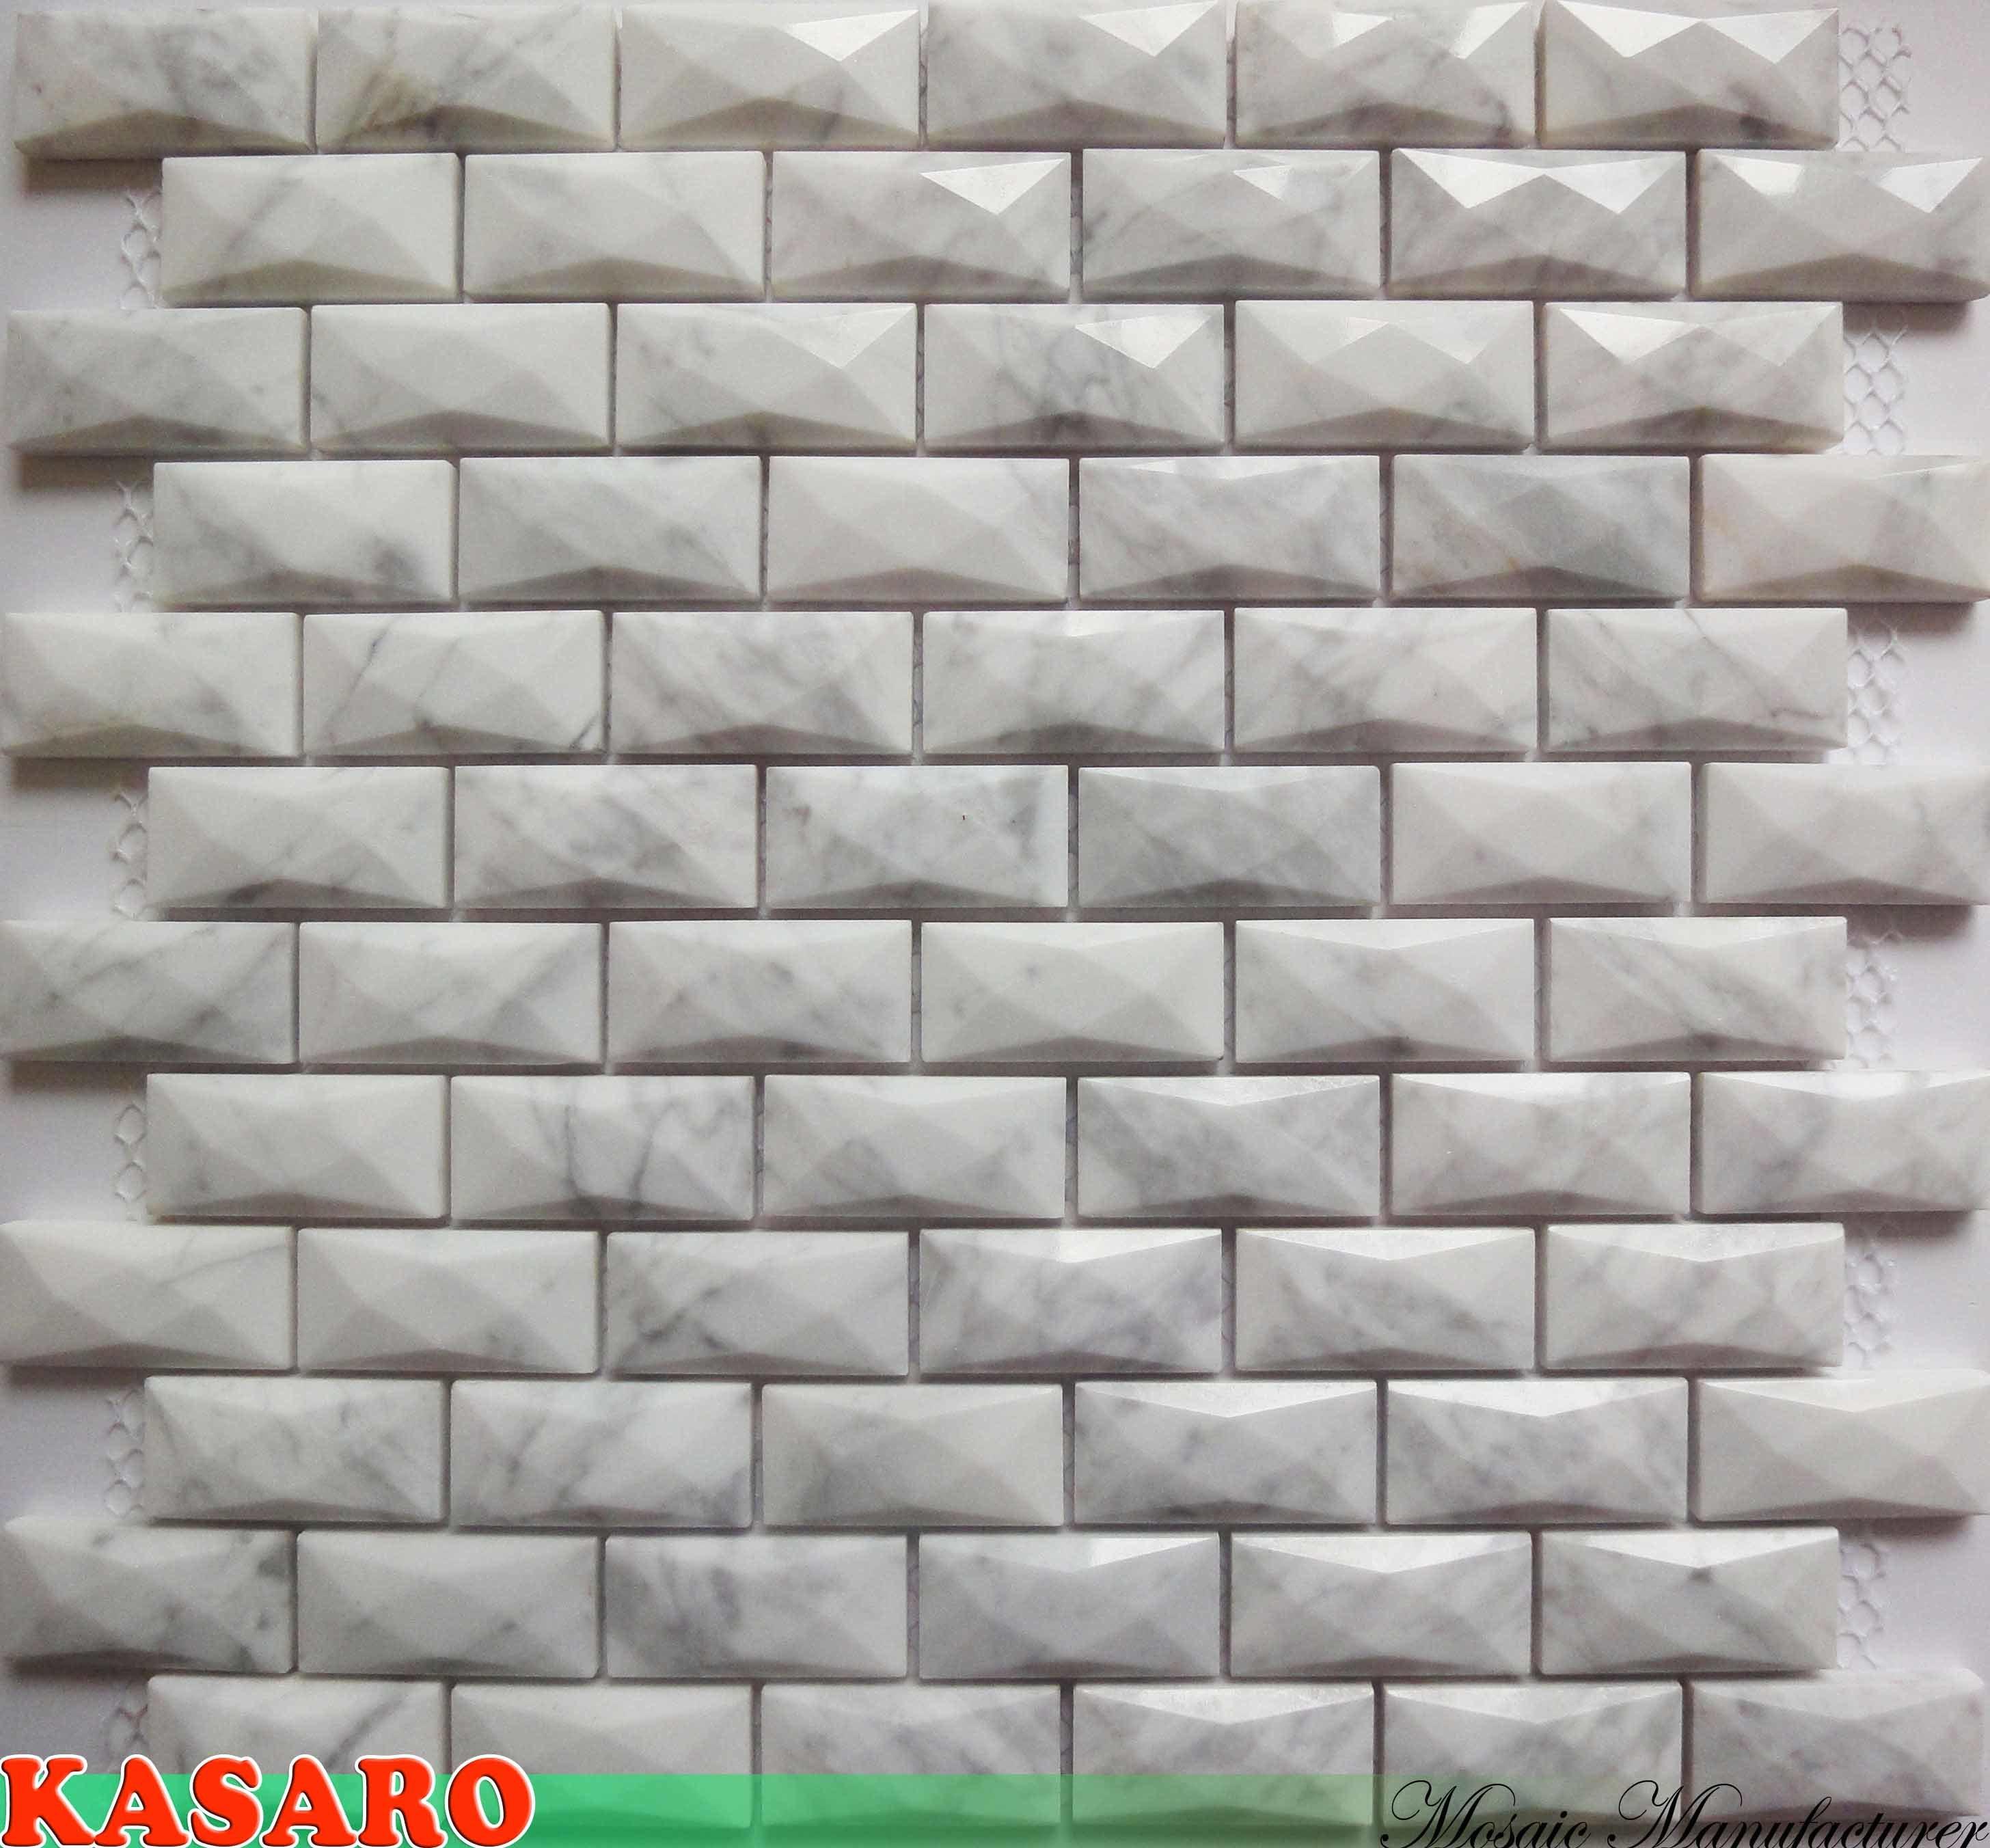 Azulejo de mosaico de m rmol blanco del mosaico tile stone - Azulejos de marmol ...